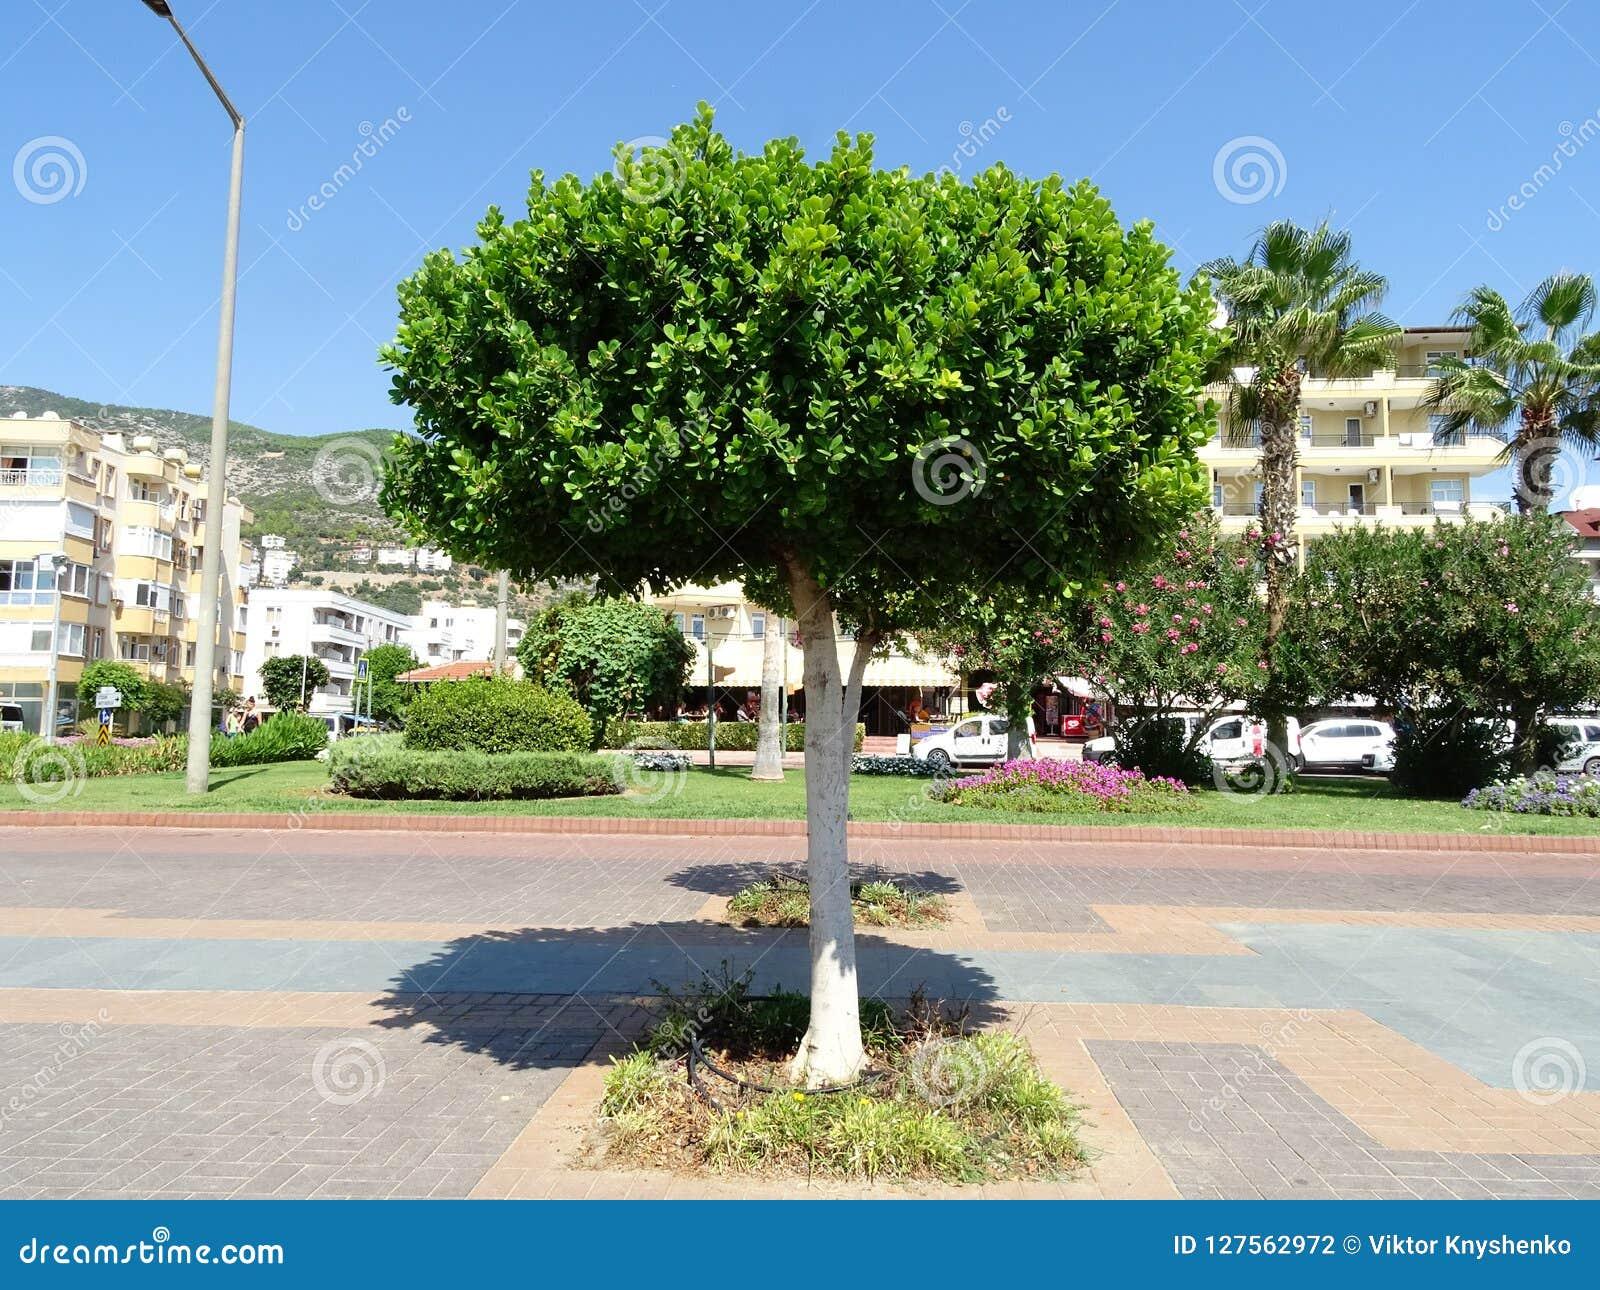 Зеленое дерево в полдень на юге